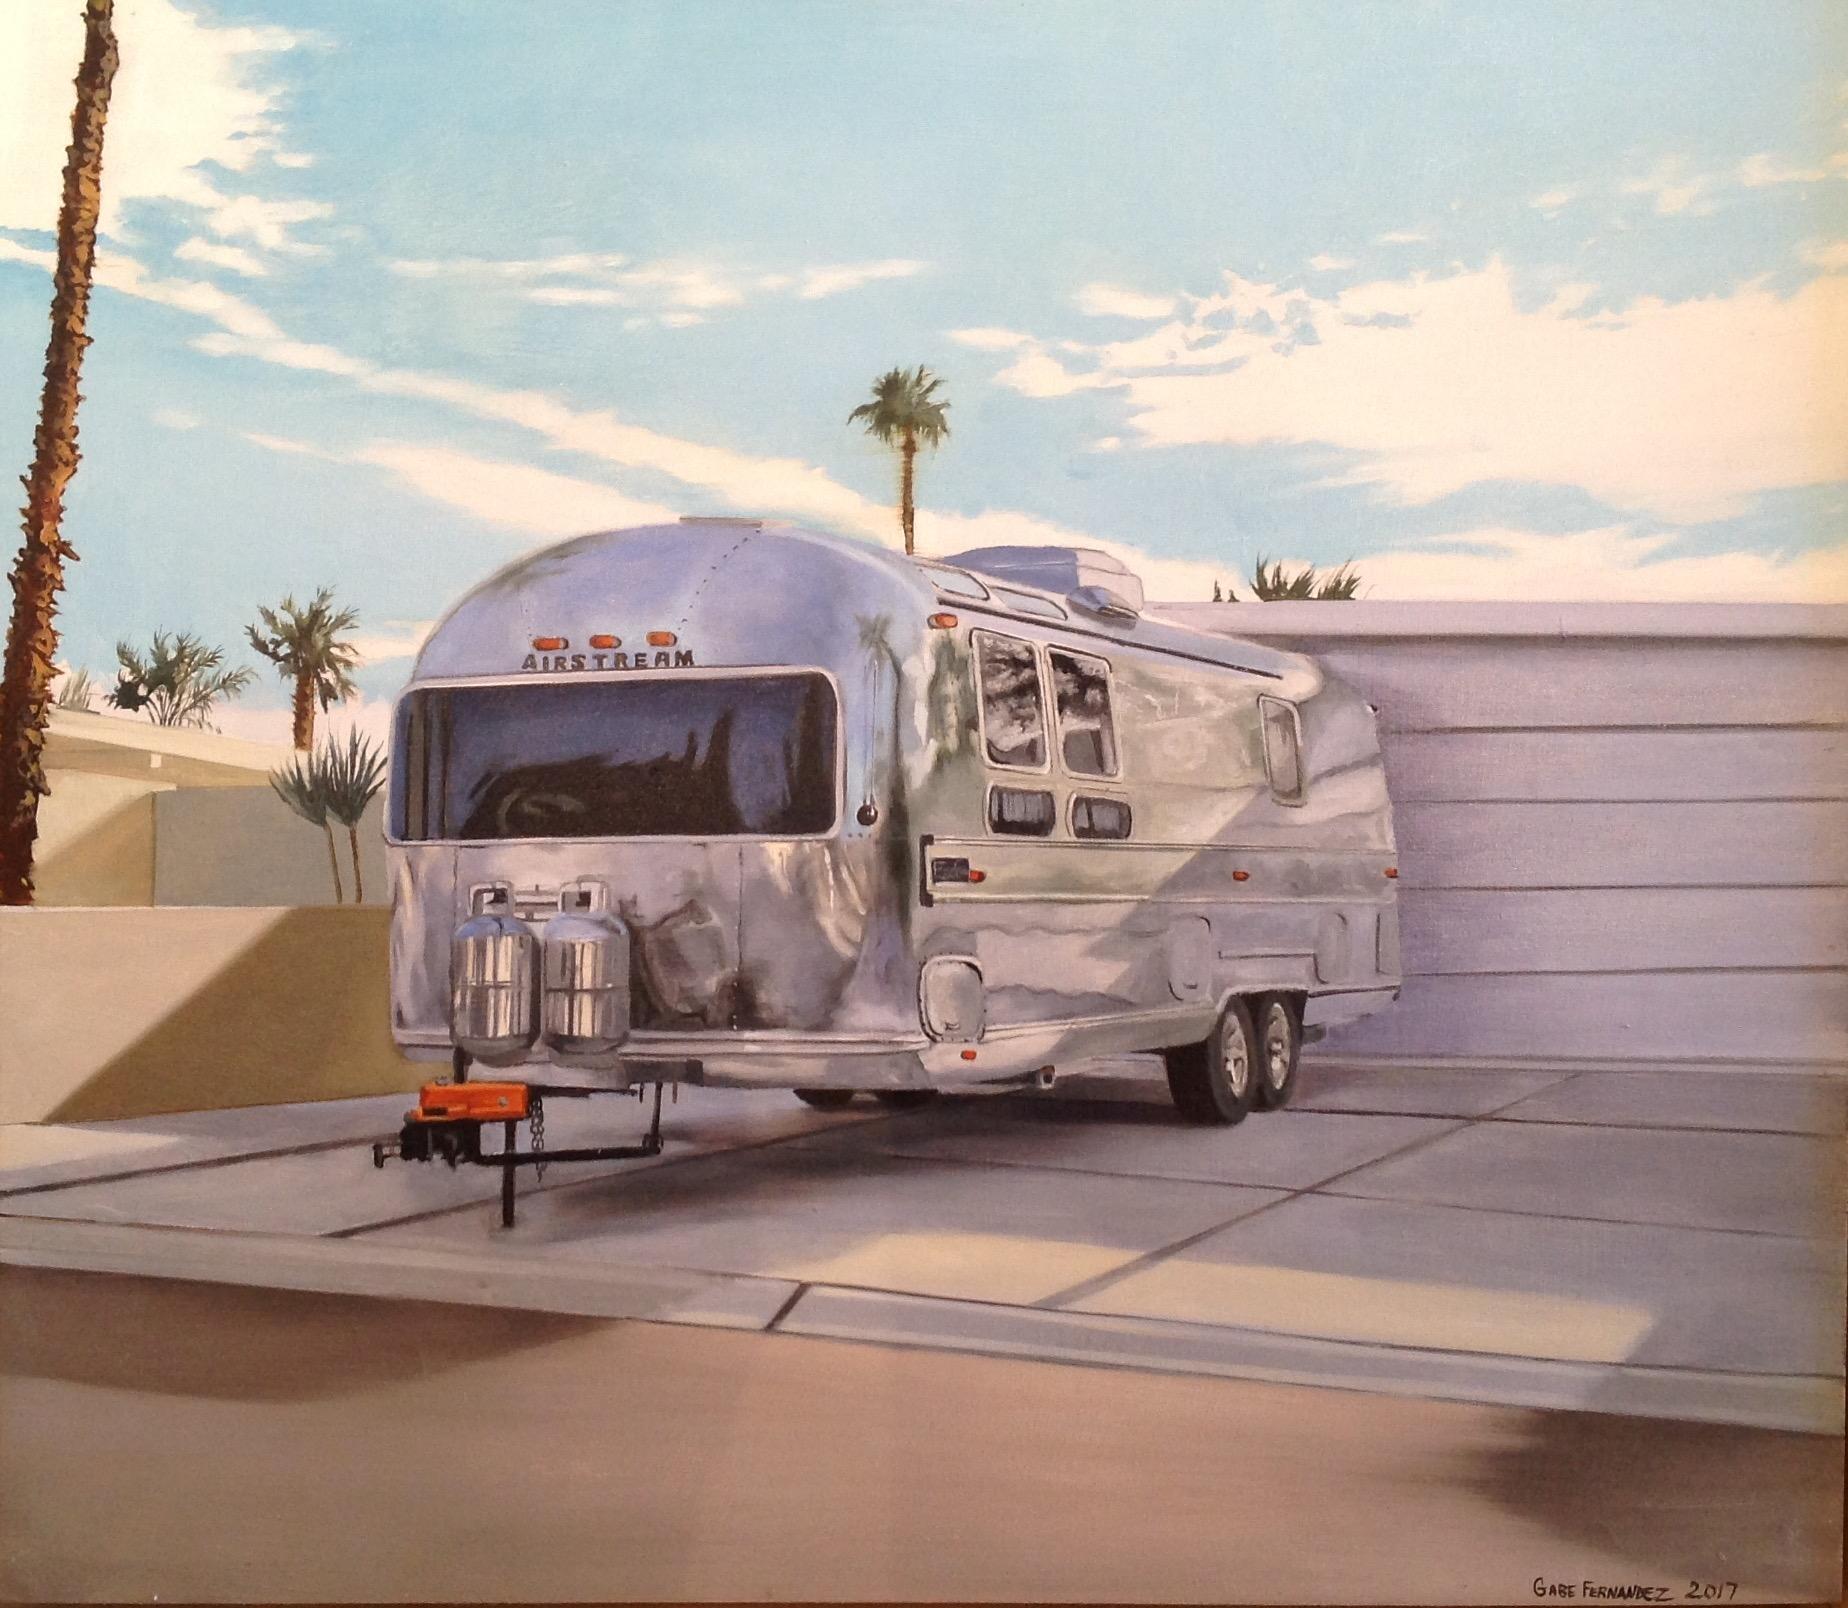 Palm Springs Airstream #2